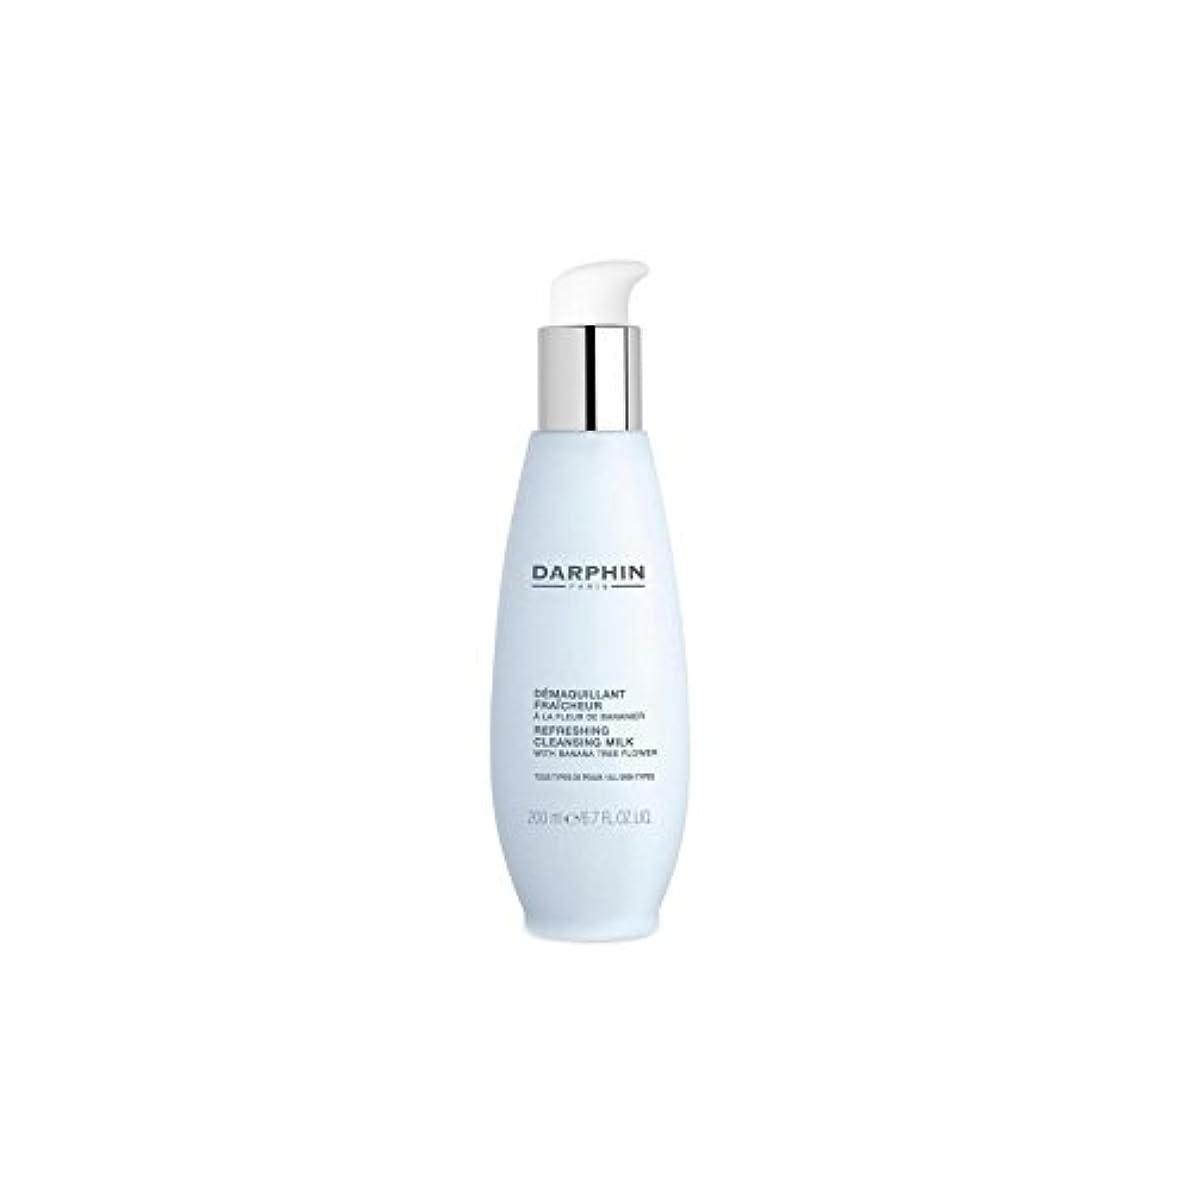 意義普通に自治的Darphin Refreshing Cleansing Milk - For Normal Skin (200ml) - さわやかなクレンジングミルクをダルファン - 正常な皮膚のために(200ミリリットル) [並行輸入品]